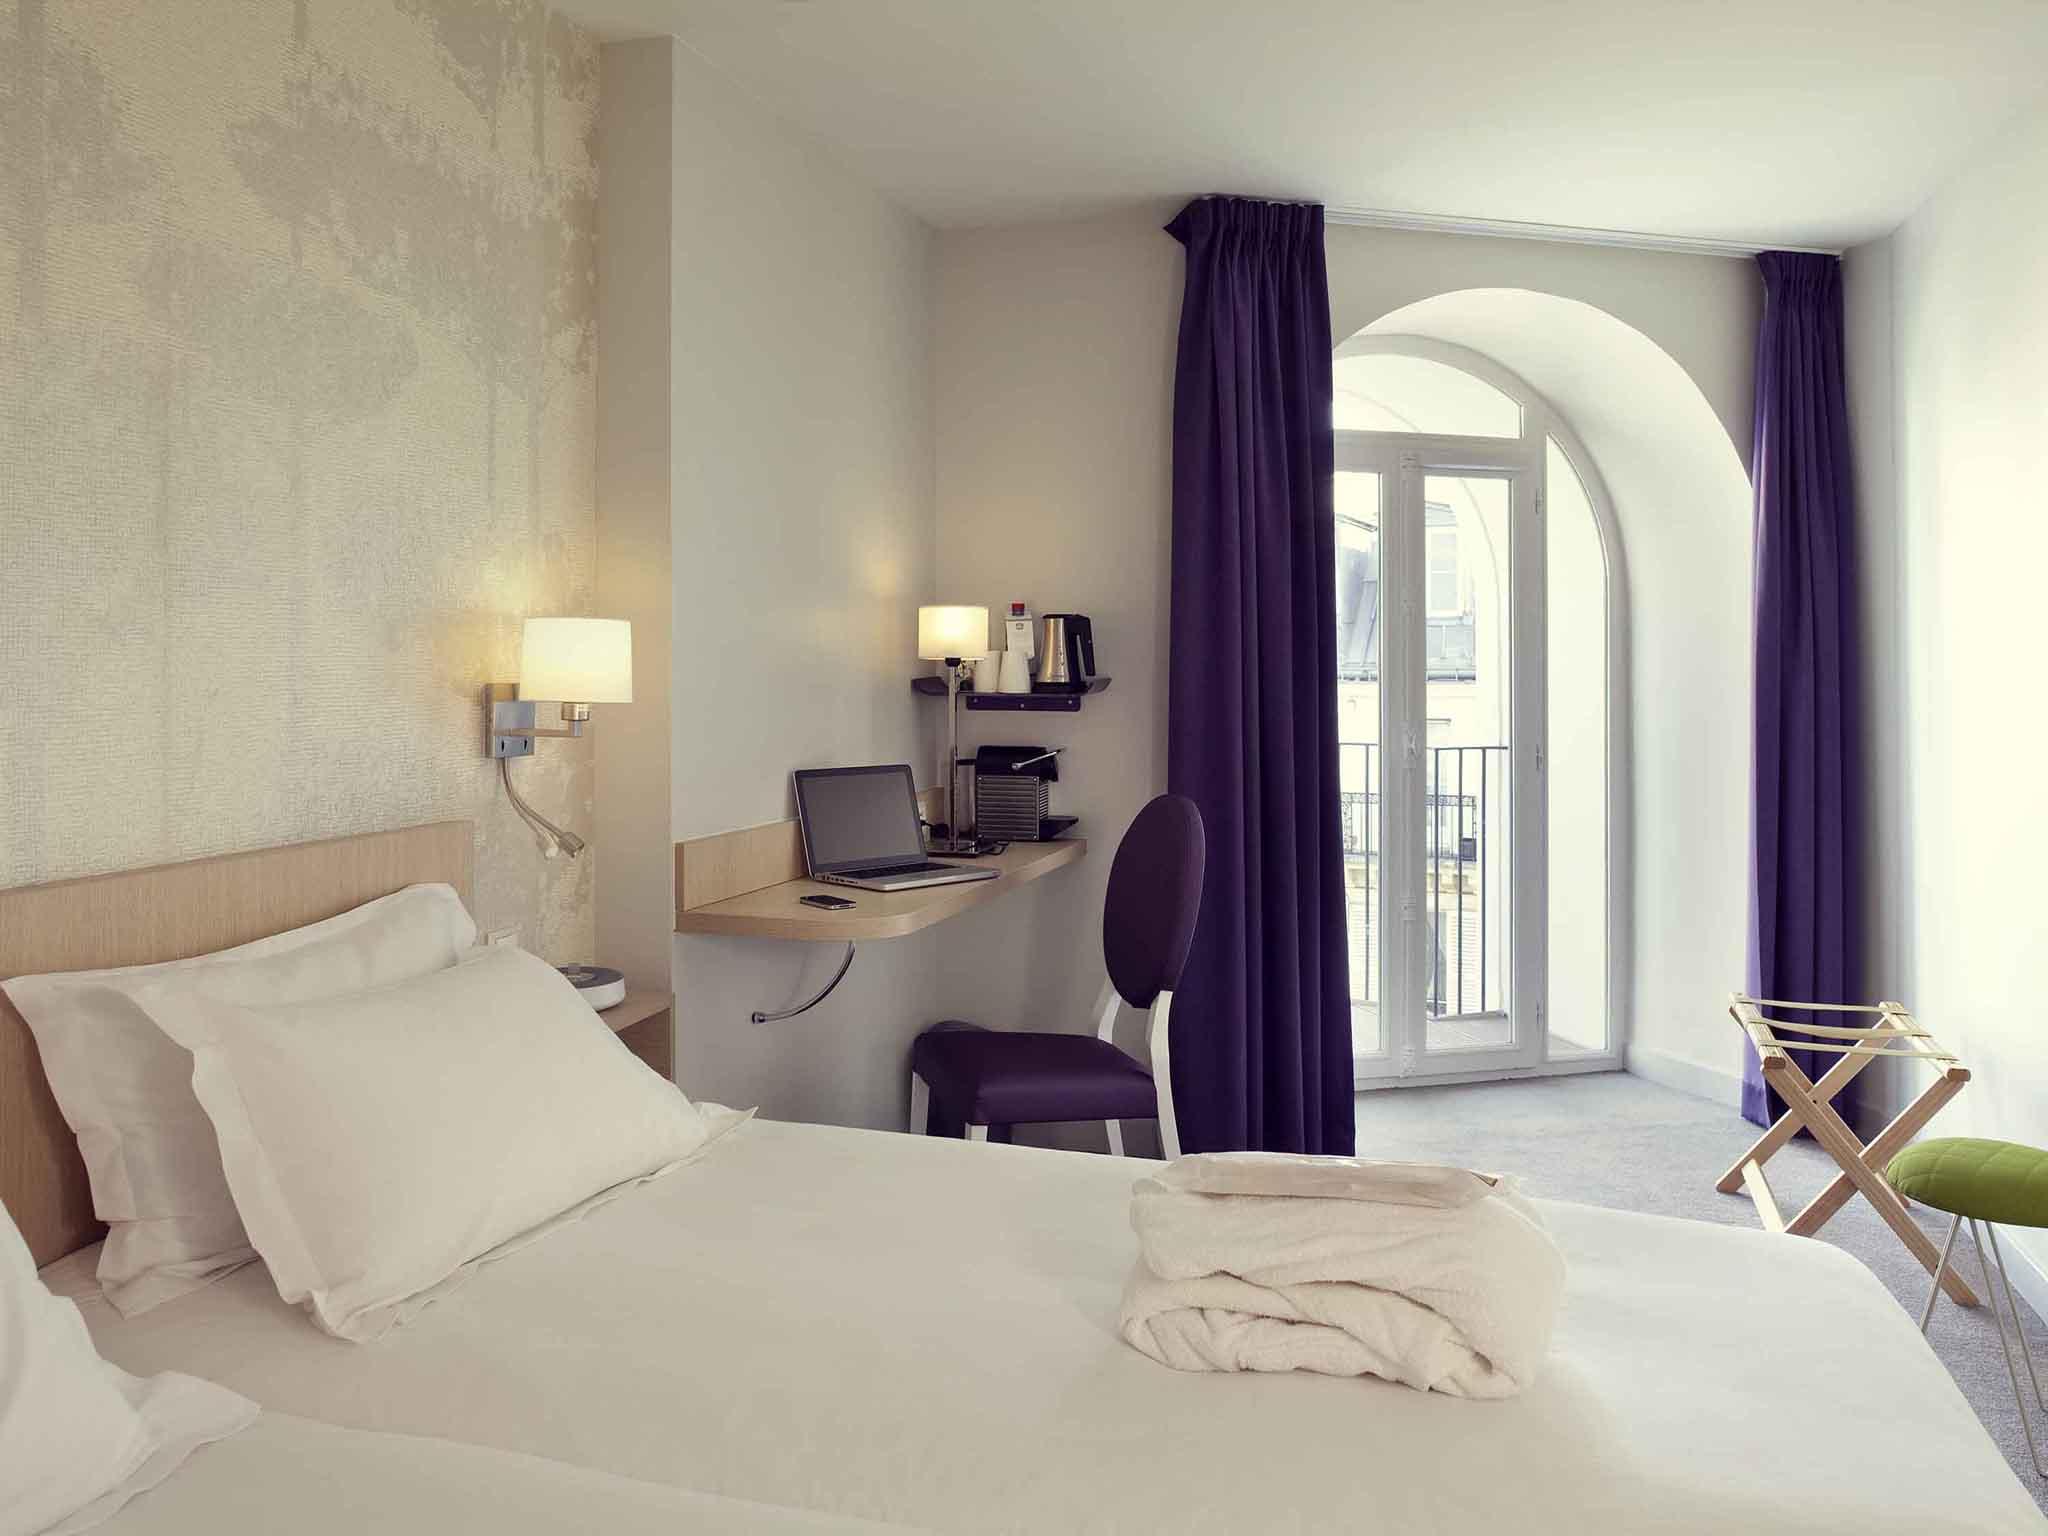 Hotell – Mercure Paris Notre Dame Saint Germain des Prés